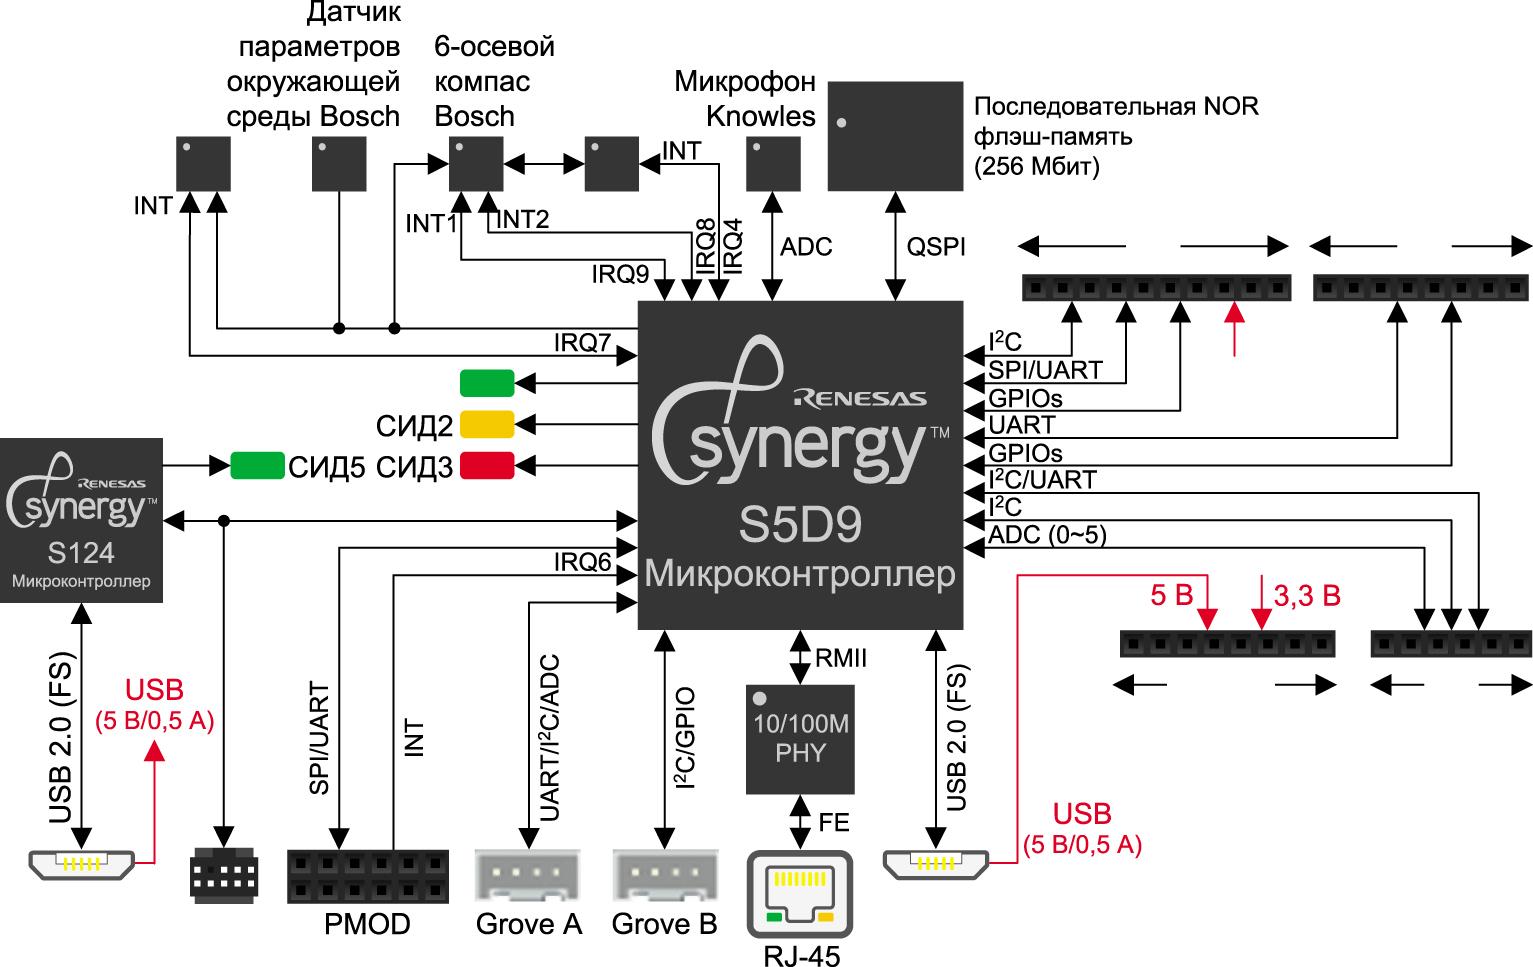 Блок-схема платы микроконтроллера с поддержкой периферийных